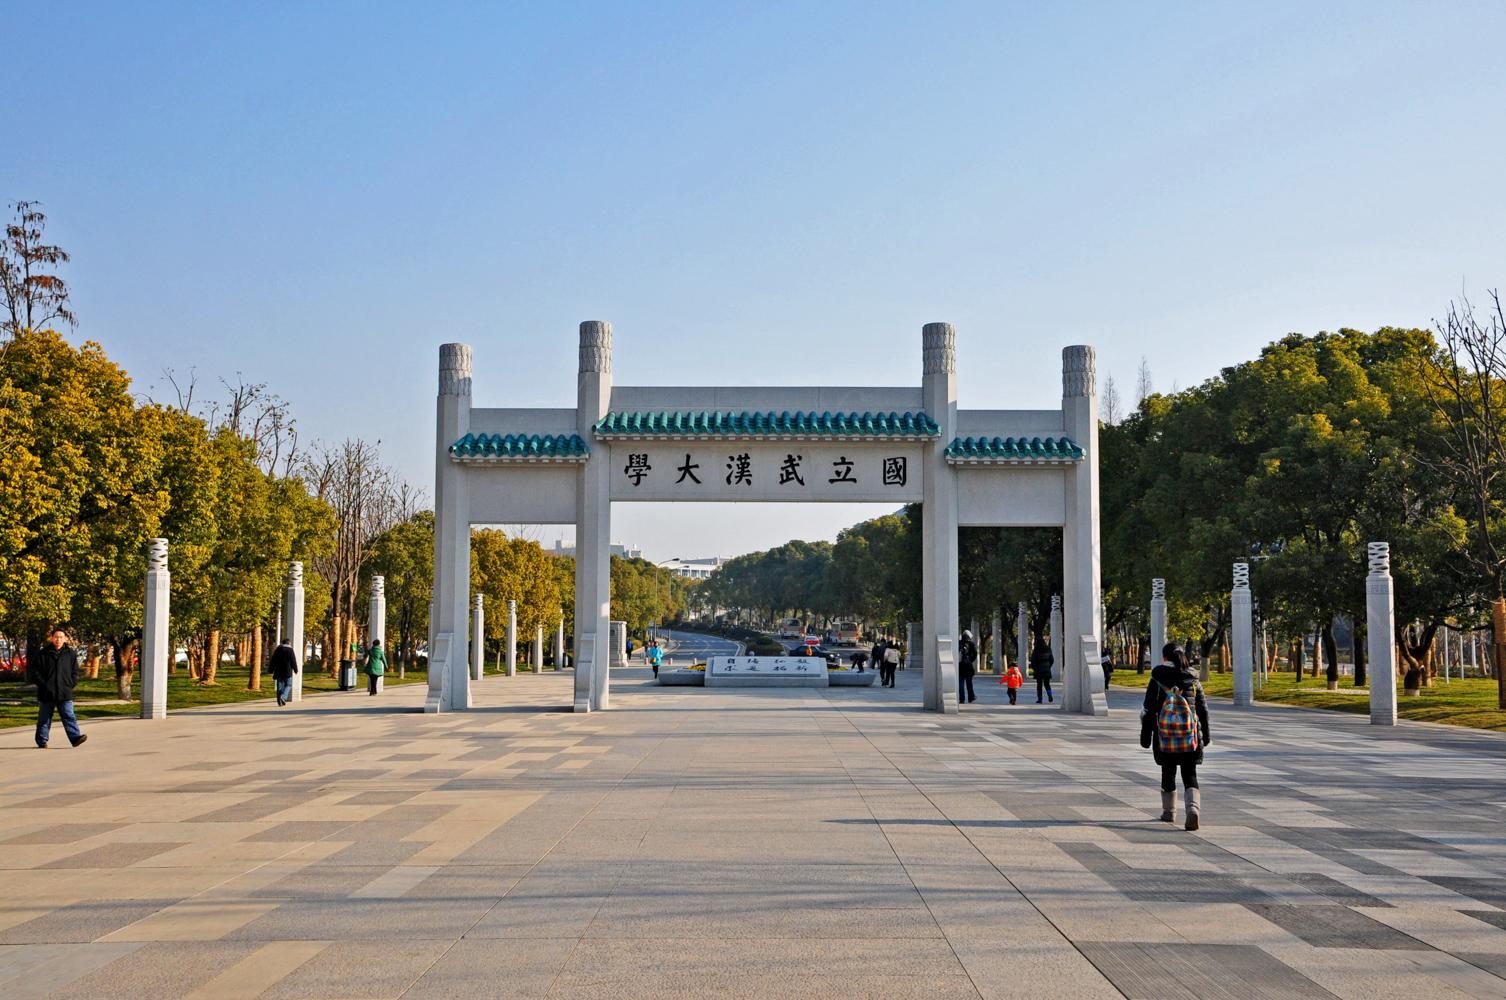 武汉大学校门广场